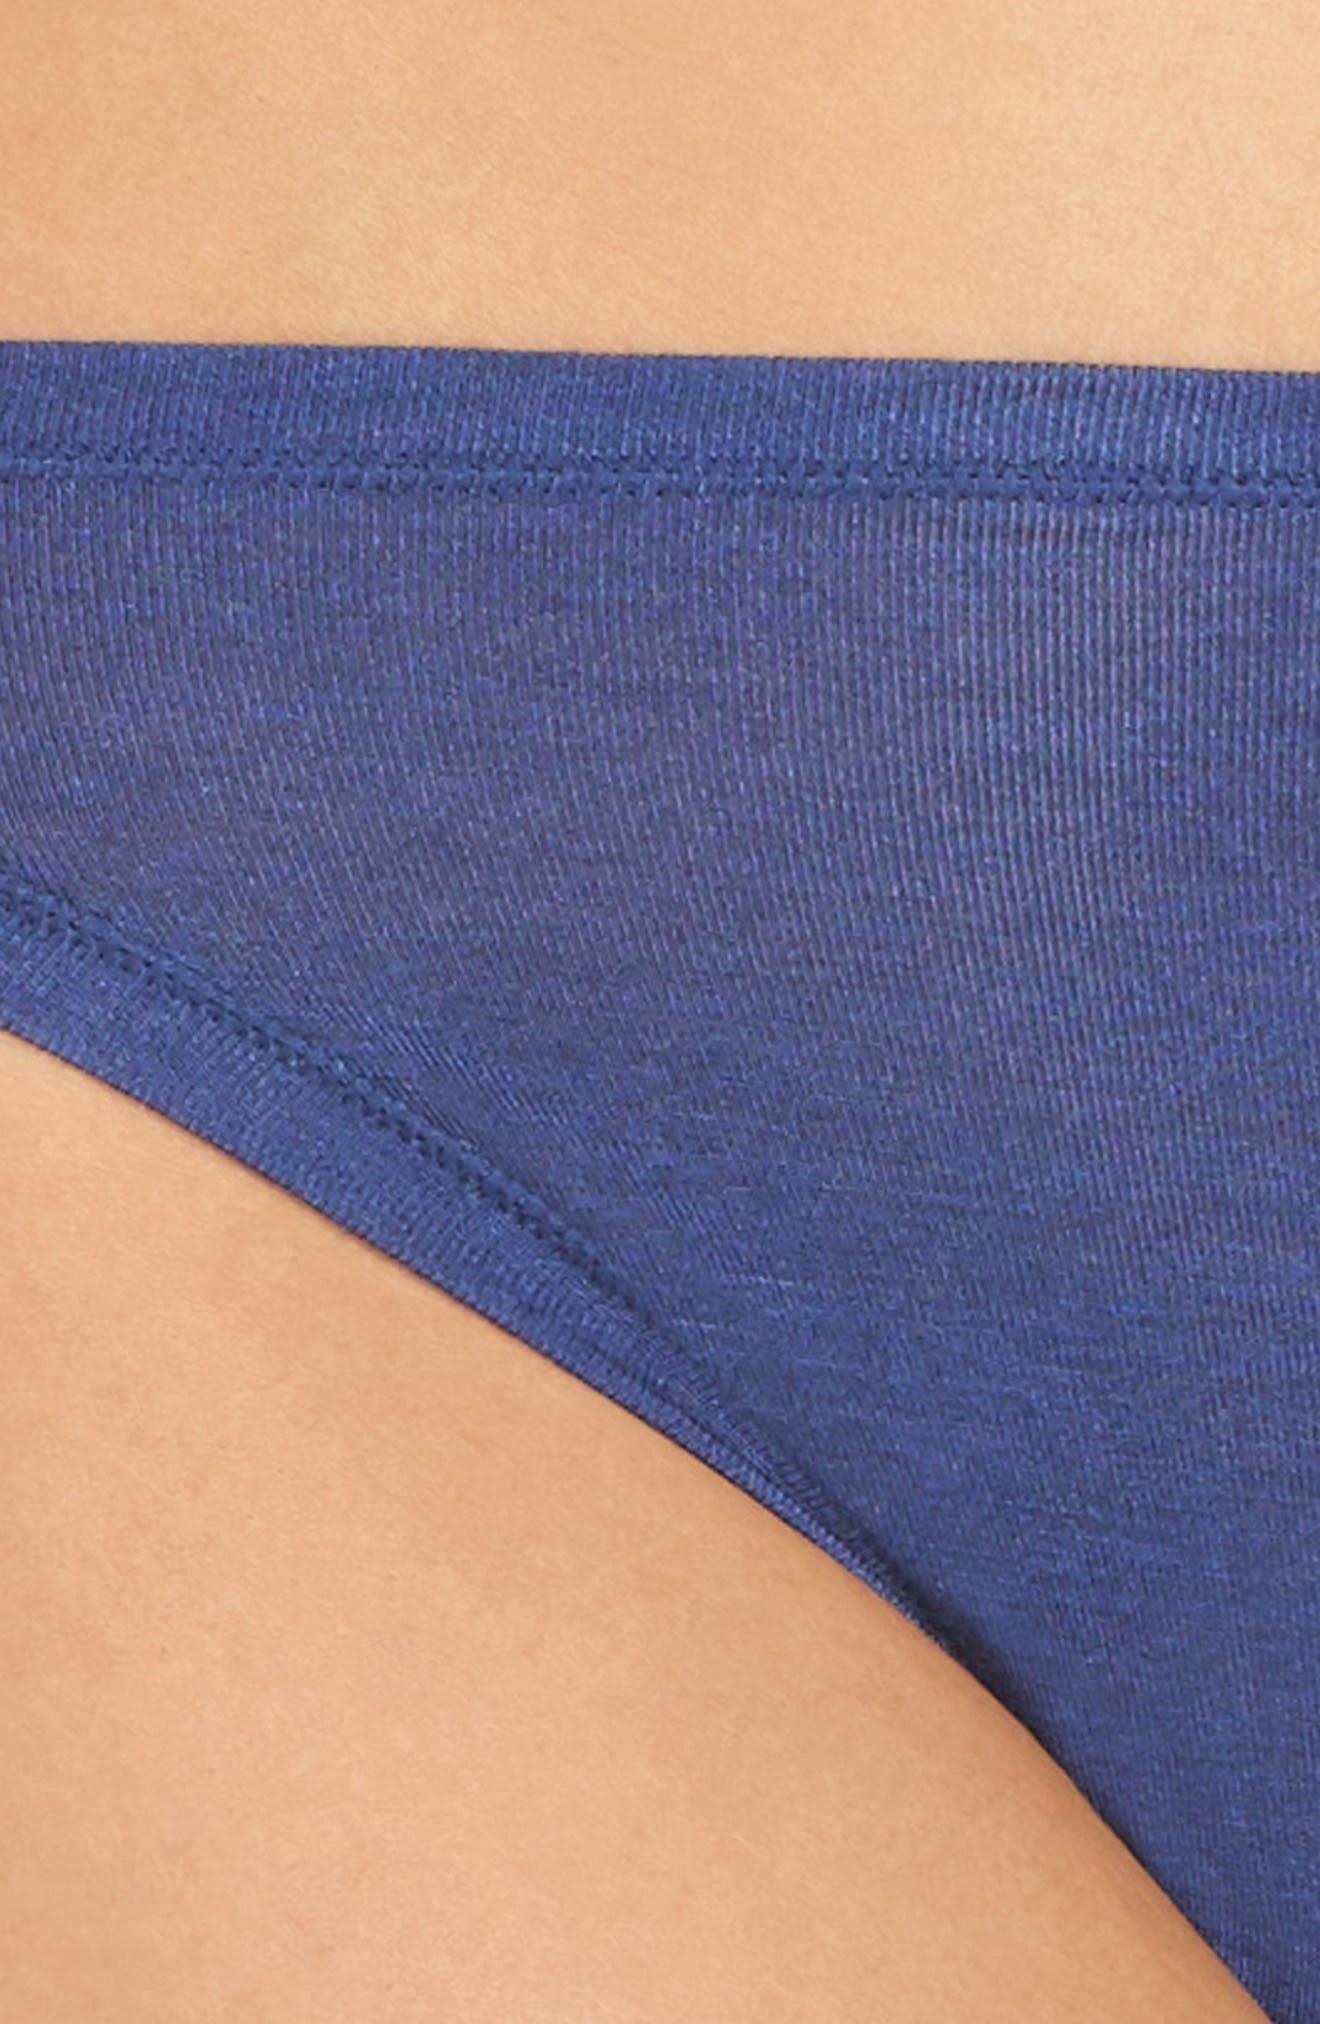 Bliss Essence Bikini,                             Alternate thumbnail 4, color,                             400